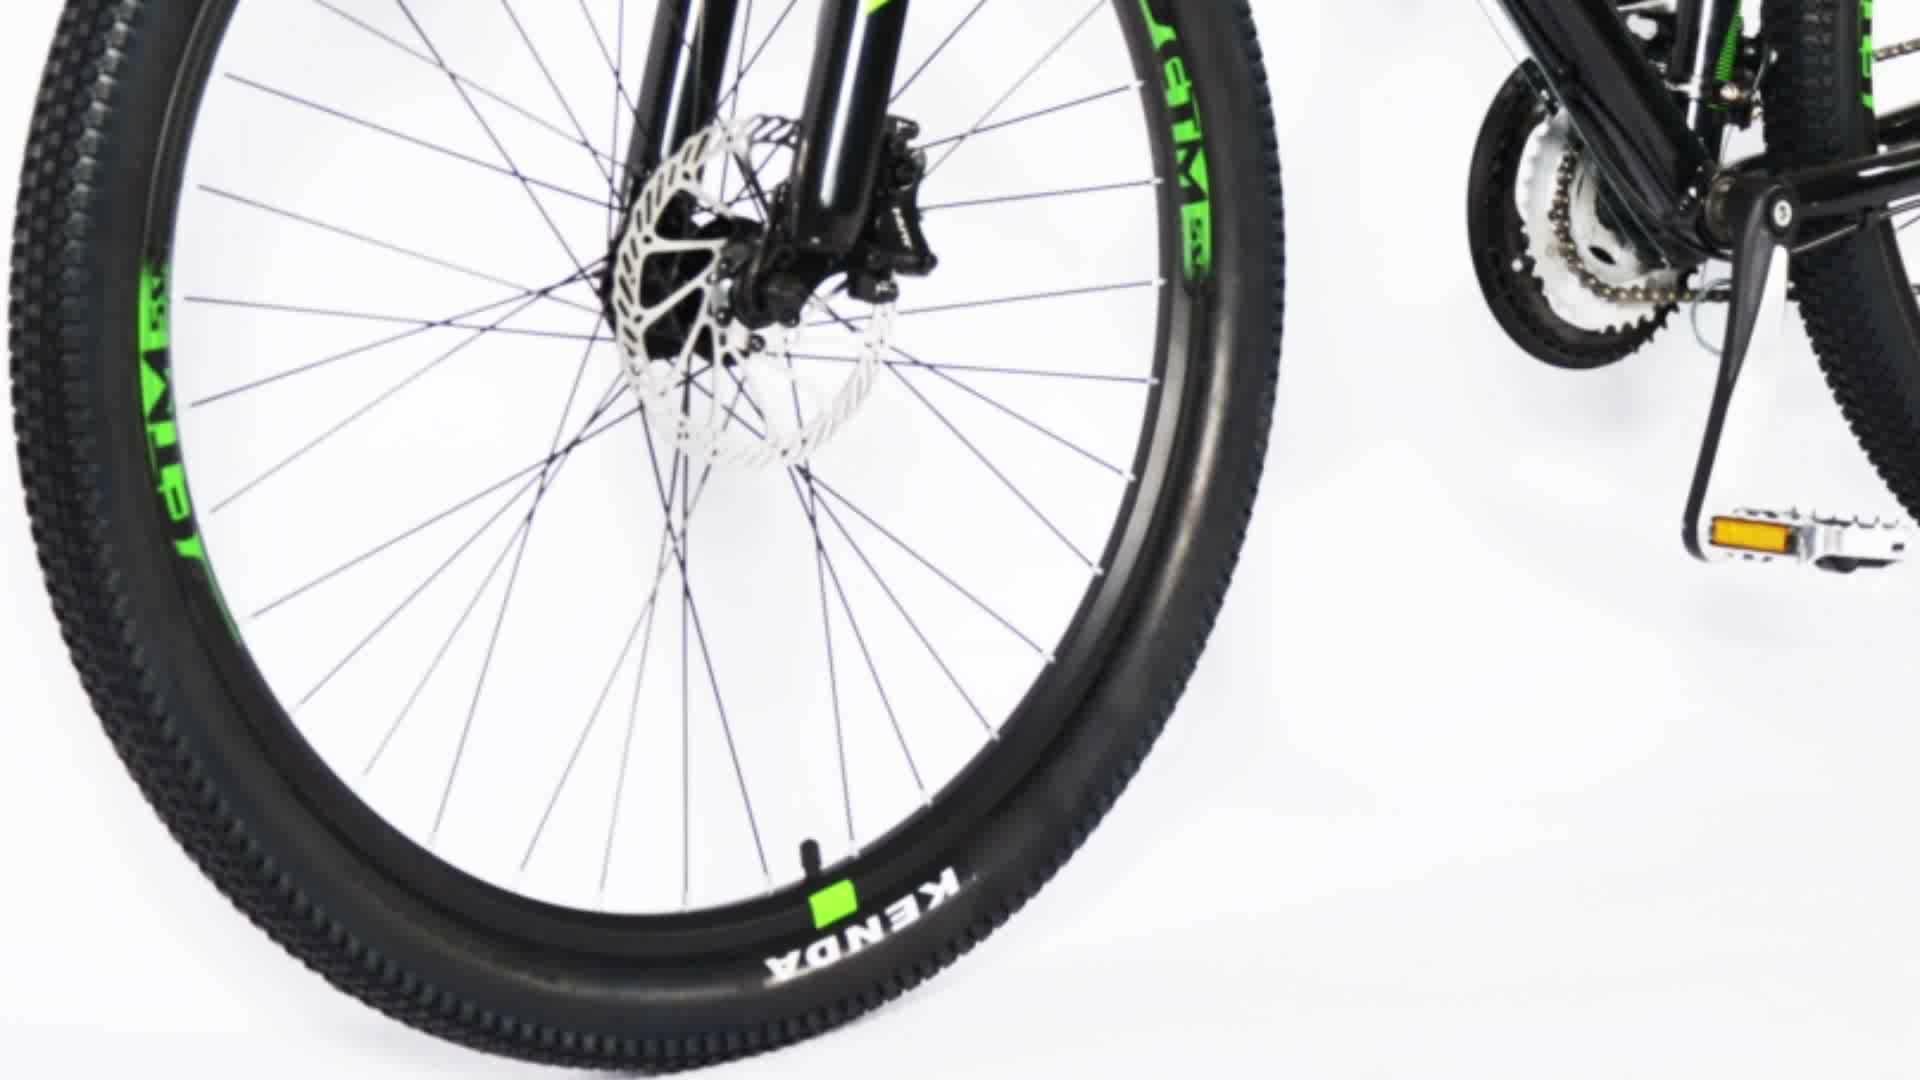 Bicicletas de montaña de 27,5 pulgadas, marco de acero de suspensión completa de aluminio, bicicleta de montaña a la venta